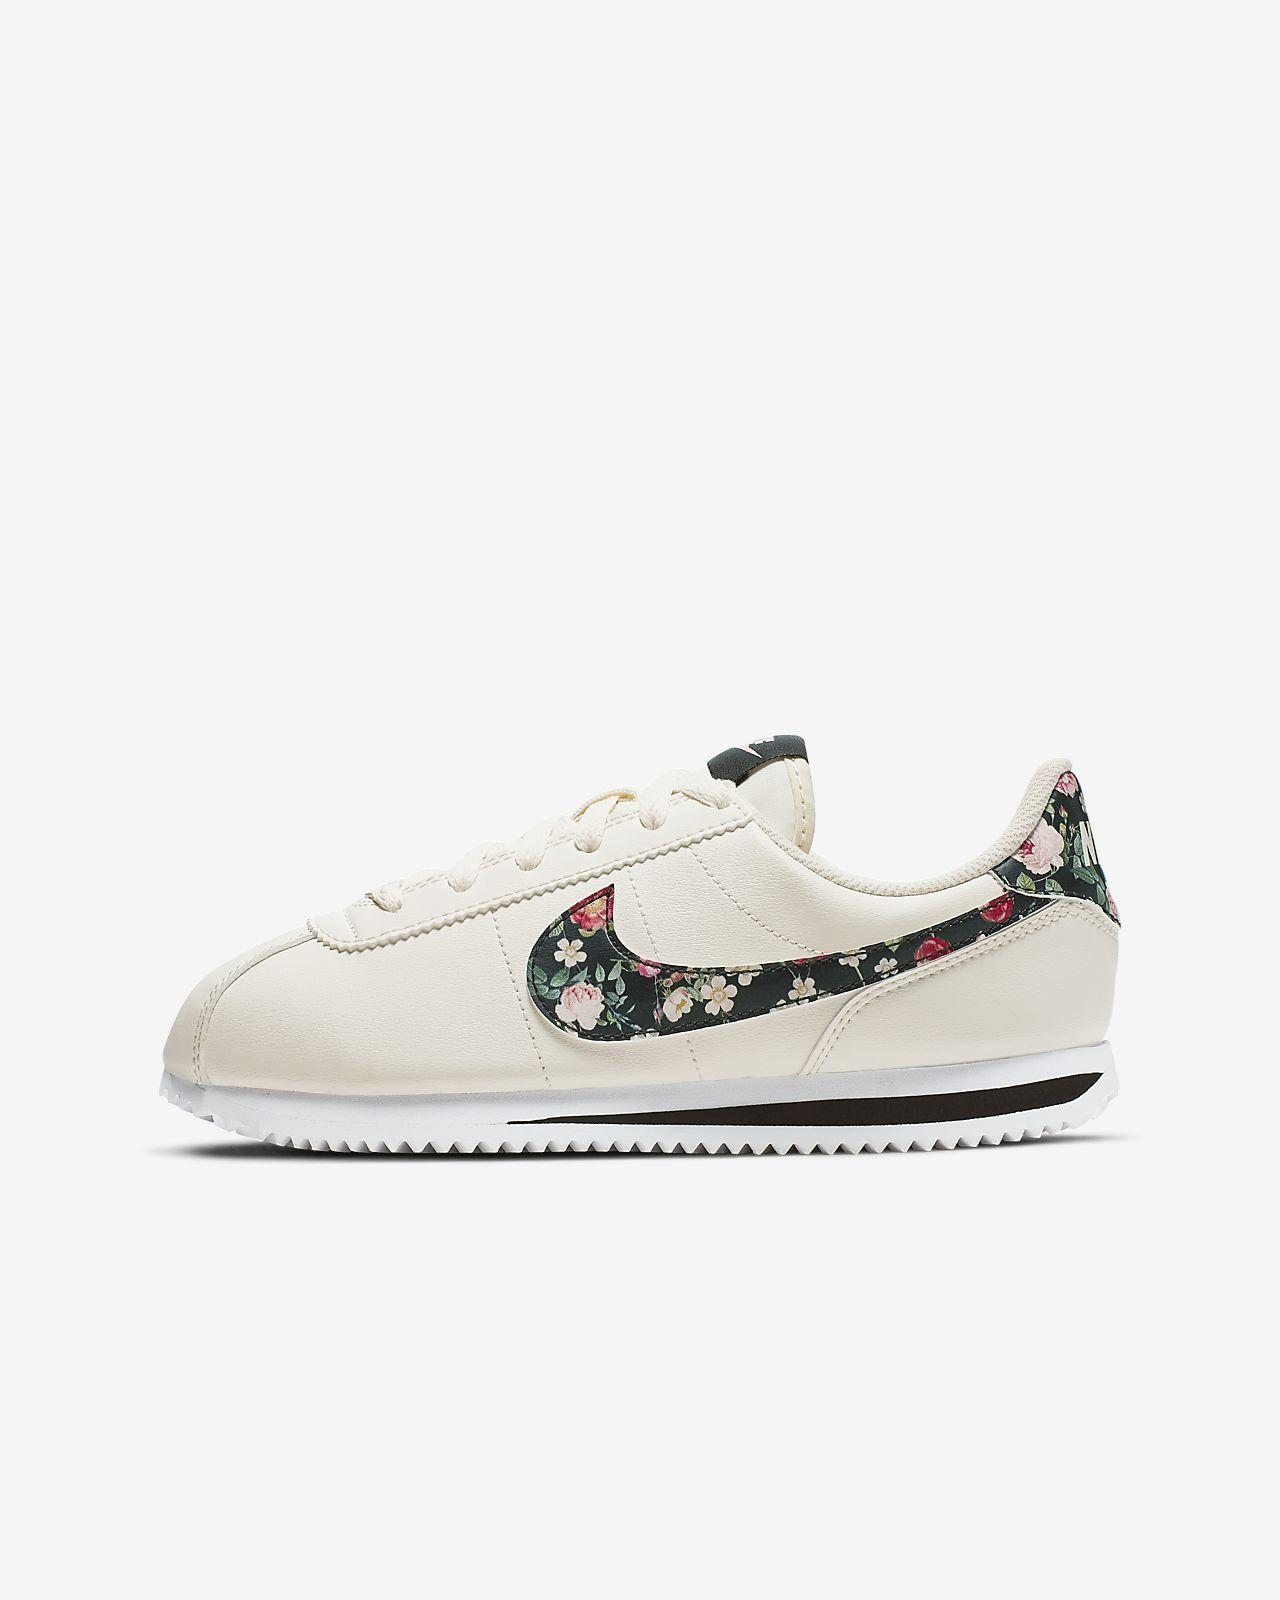 Nike Cortez Basic Vintage Floral Kinderschoen